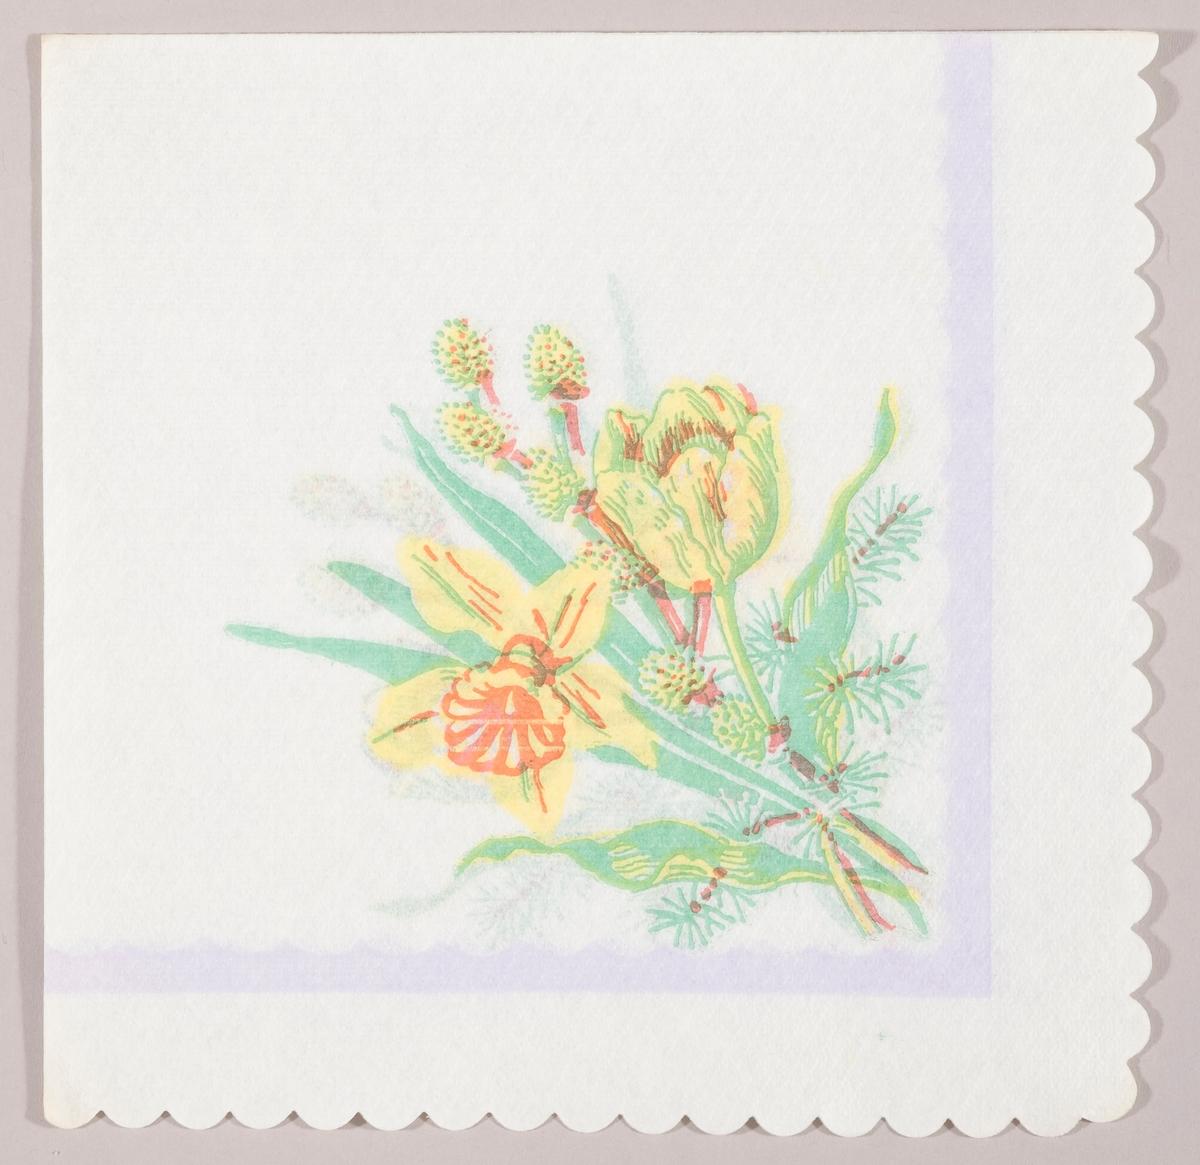 """En bukett med en påskelilje, en tulipaner og en gren med """"gåsunger"""". Lilla kantstripe."""